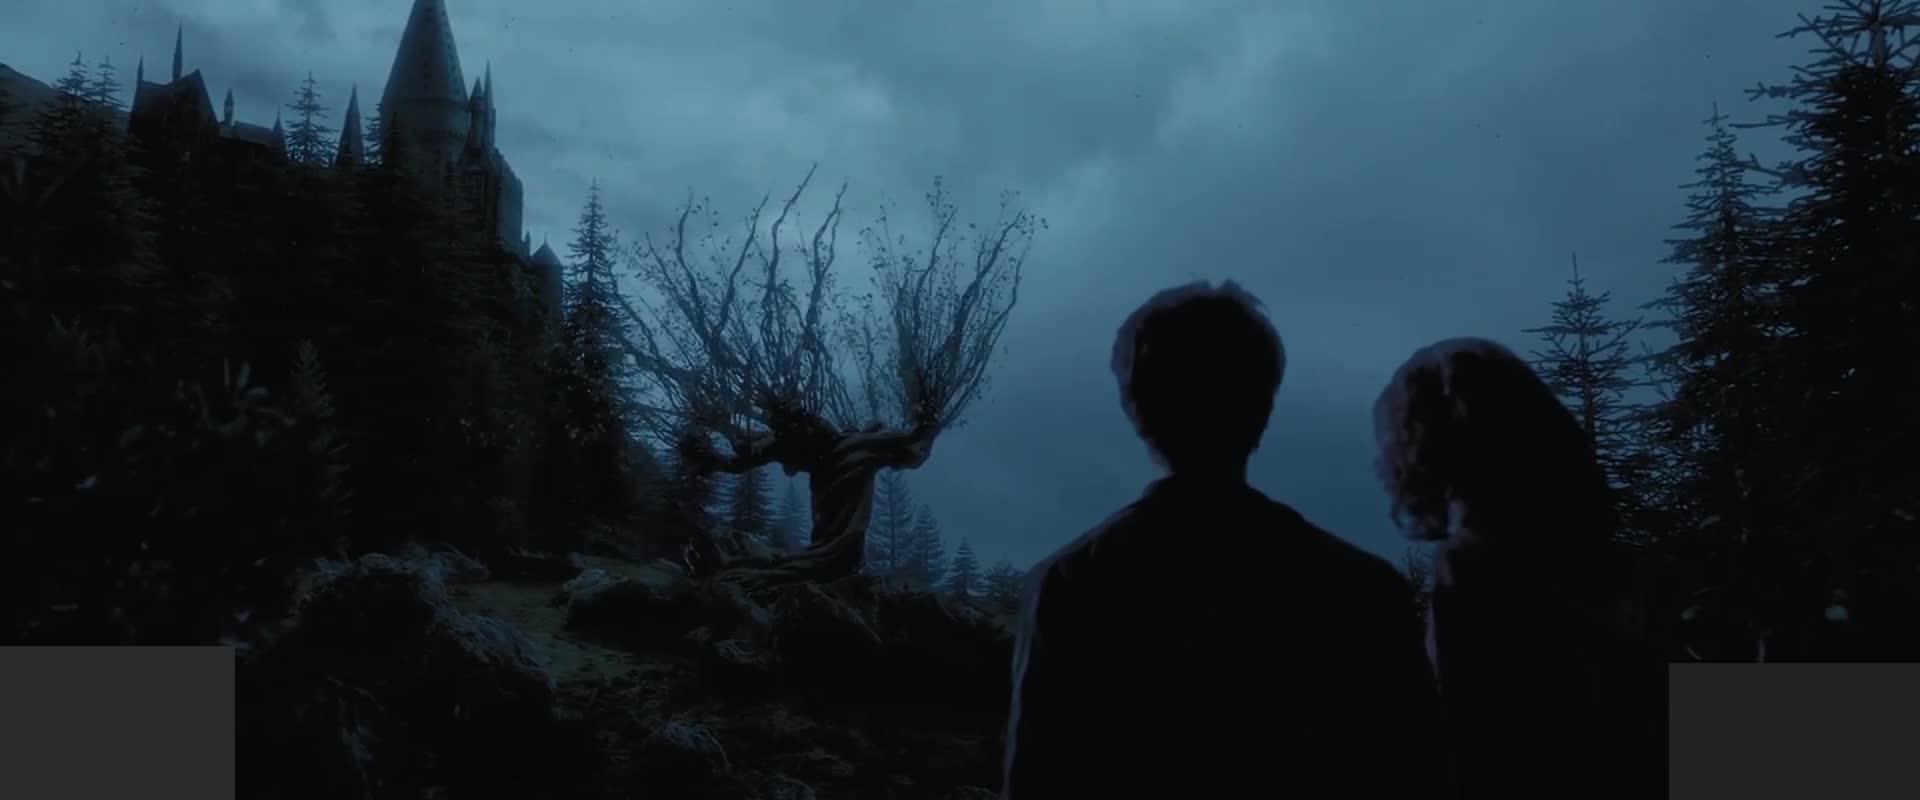 教授想在屋子里找到什么,找到了吗,哈利波特为何在外过夜